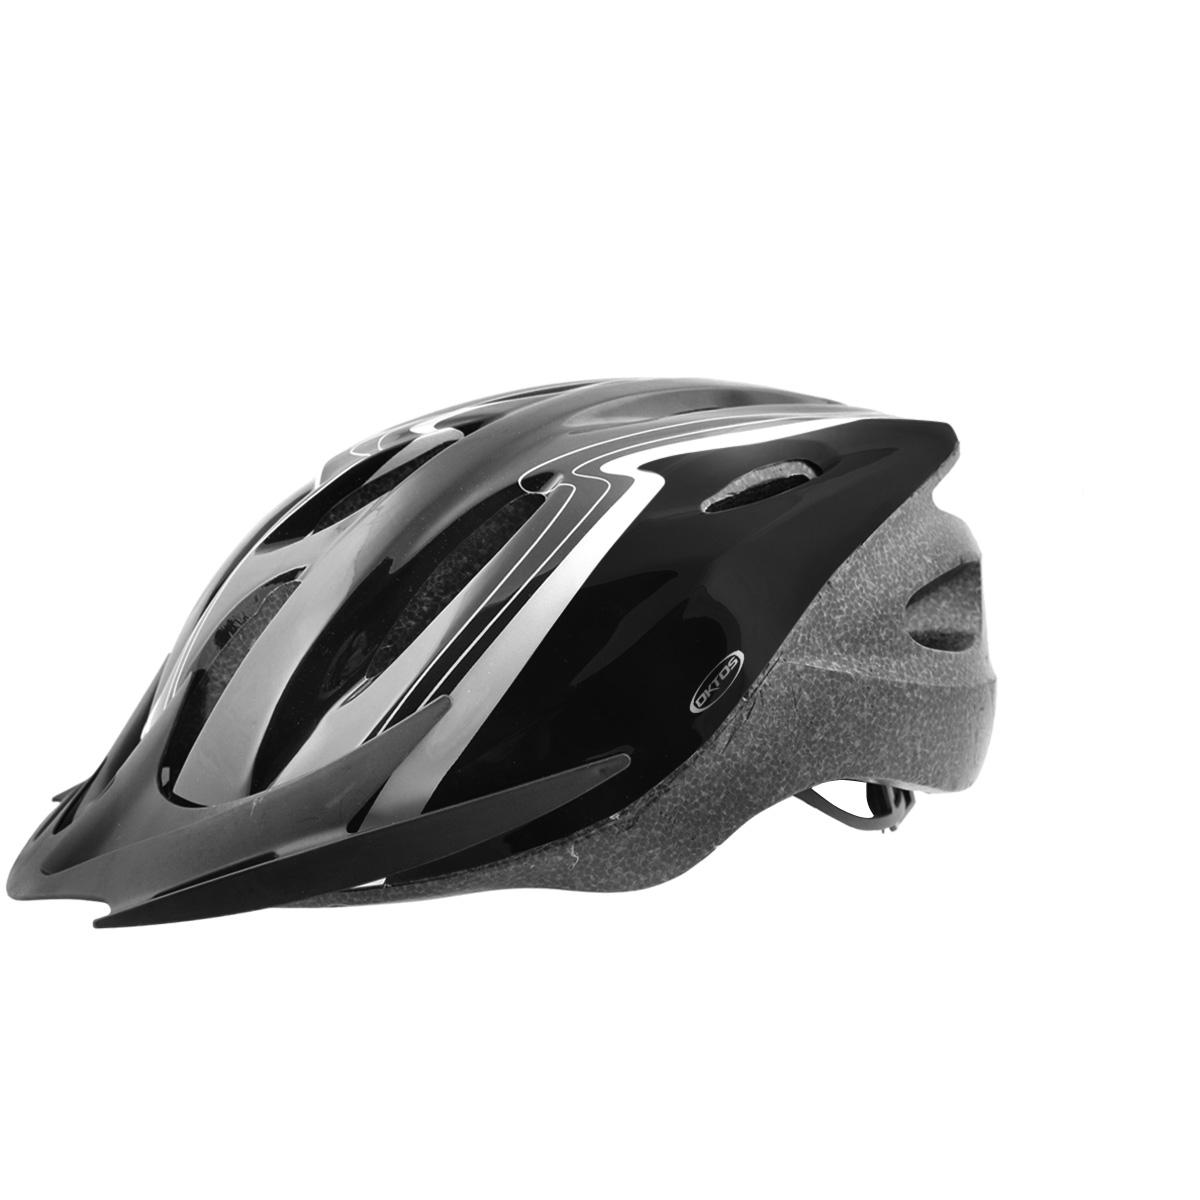 Casque vélo Oktos VTT/VTC Noir - 58/61